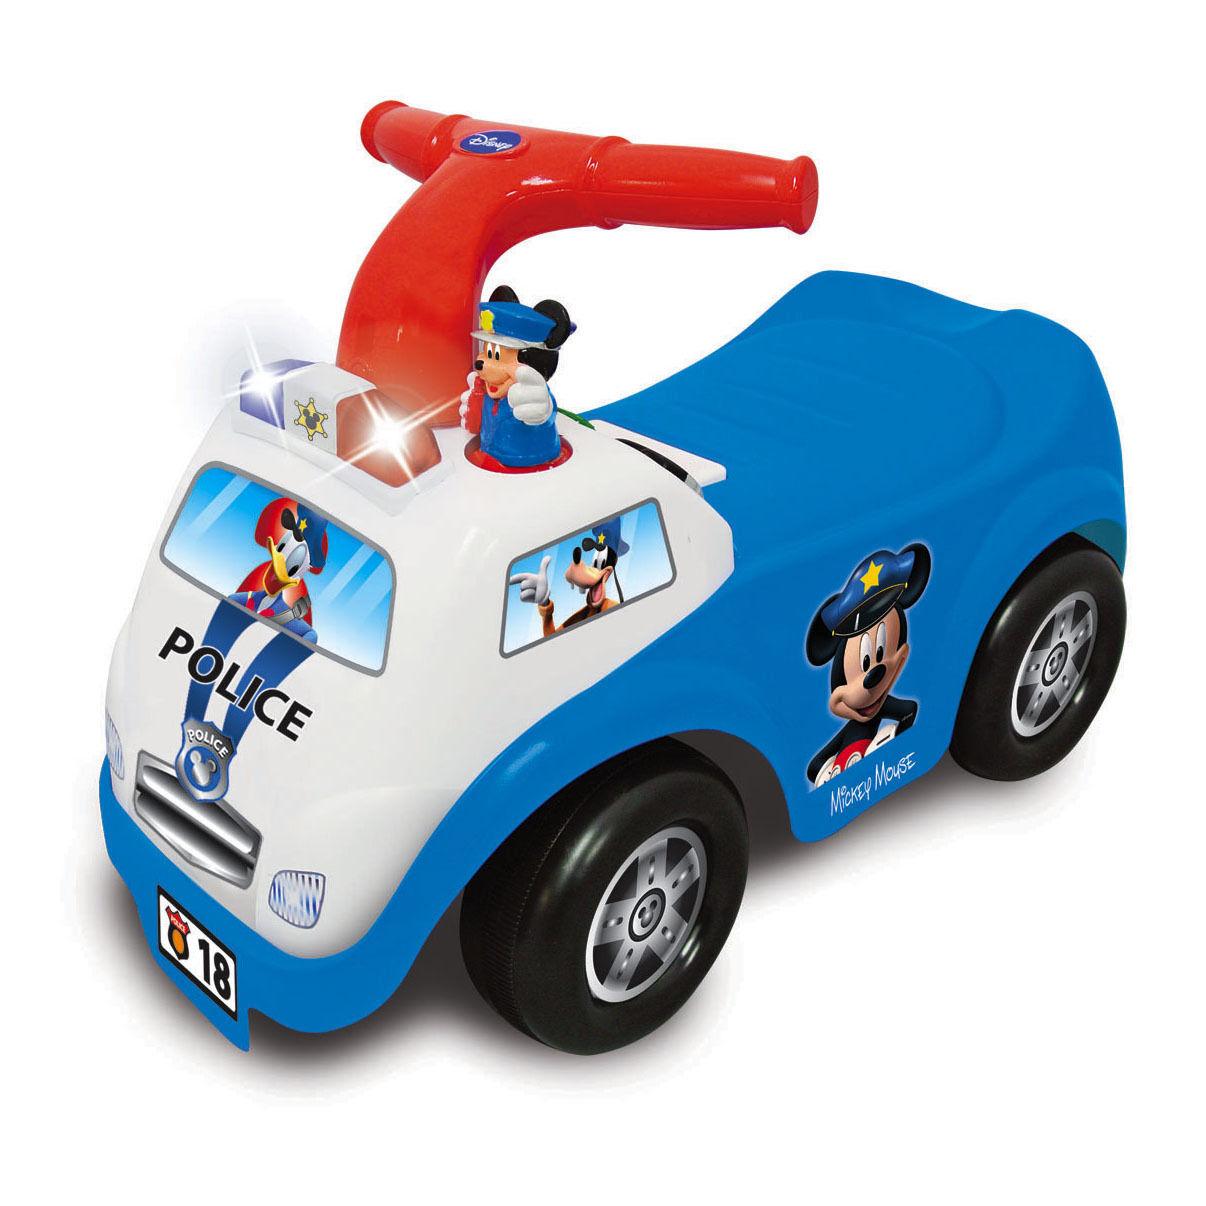 Каталка - пушкар Полицейская машина Микки МаусаМашинки-каталки для детей<br>Каталка - пушкар Полицейская машина Микки Мауса<br>